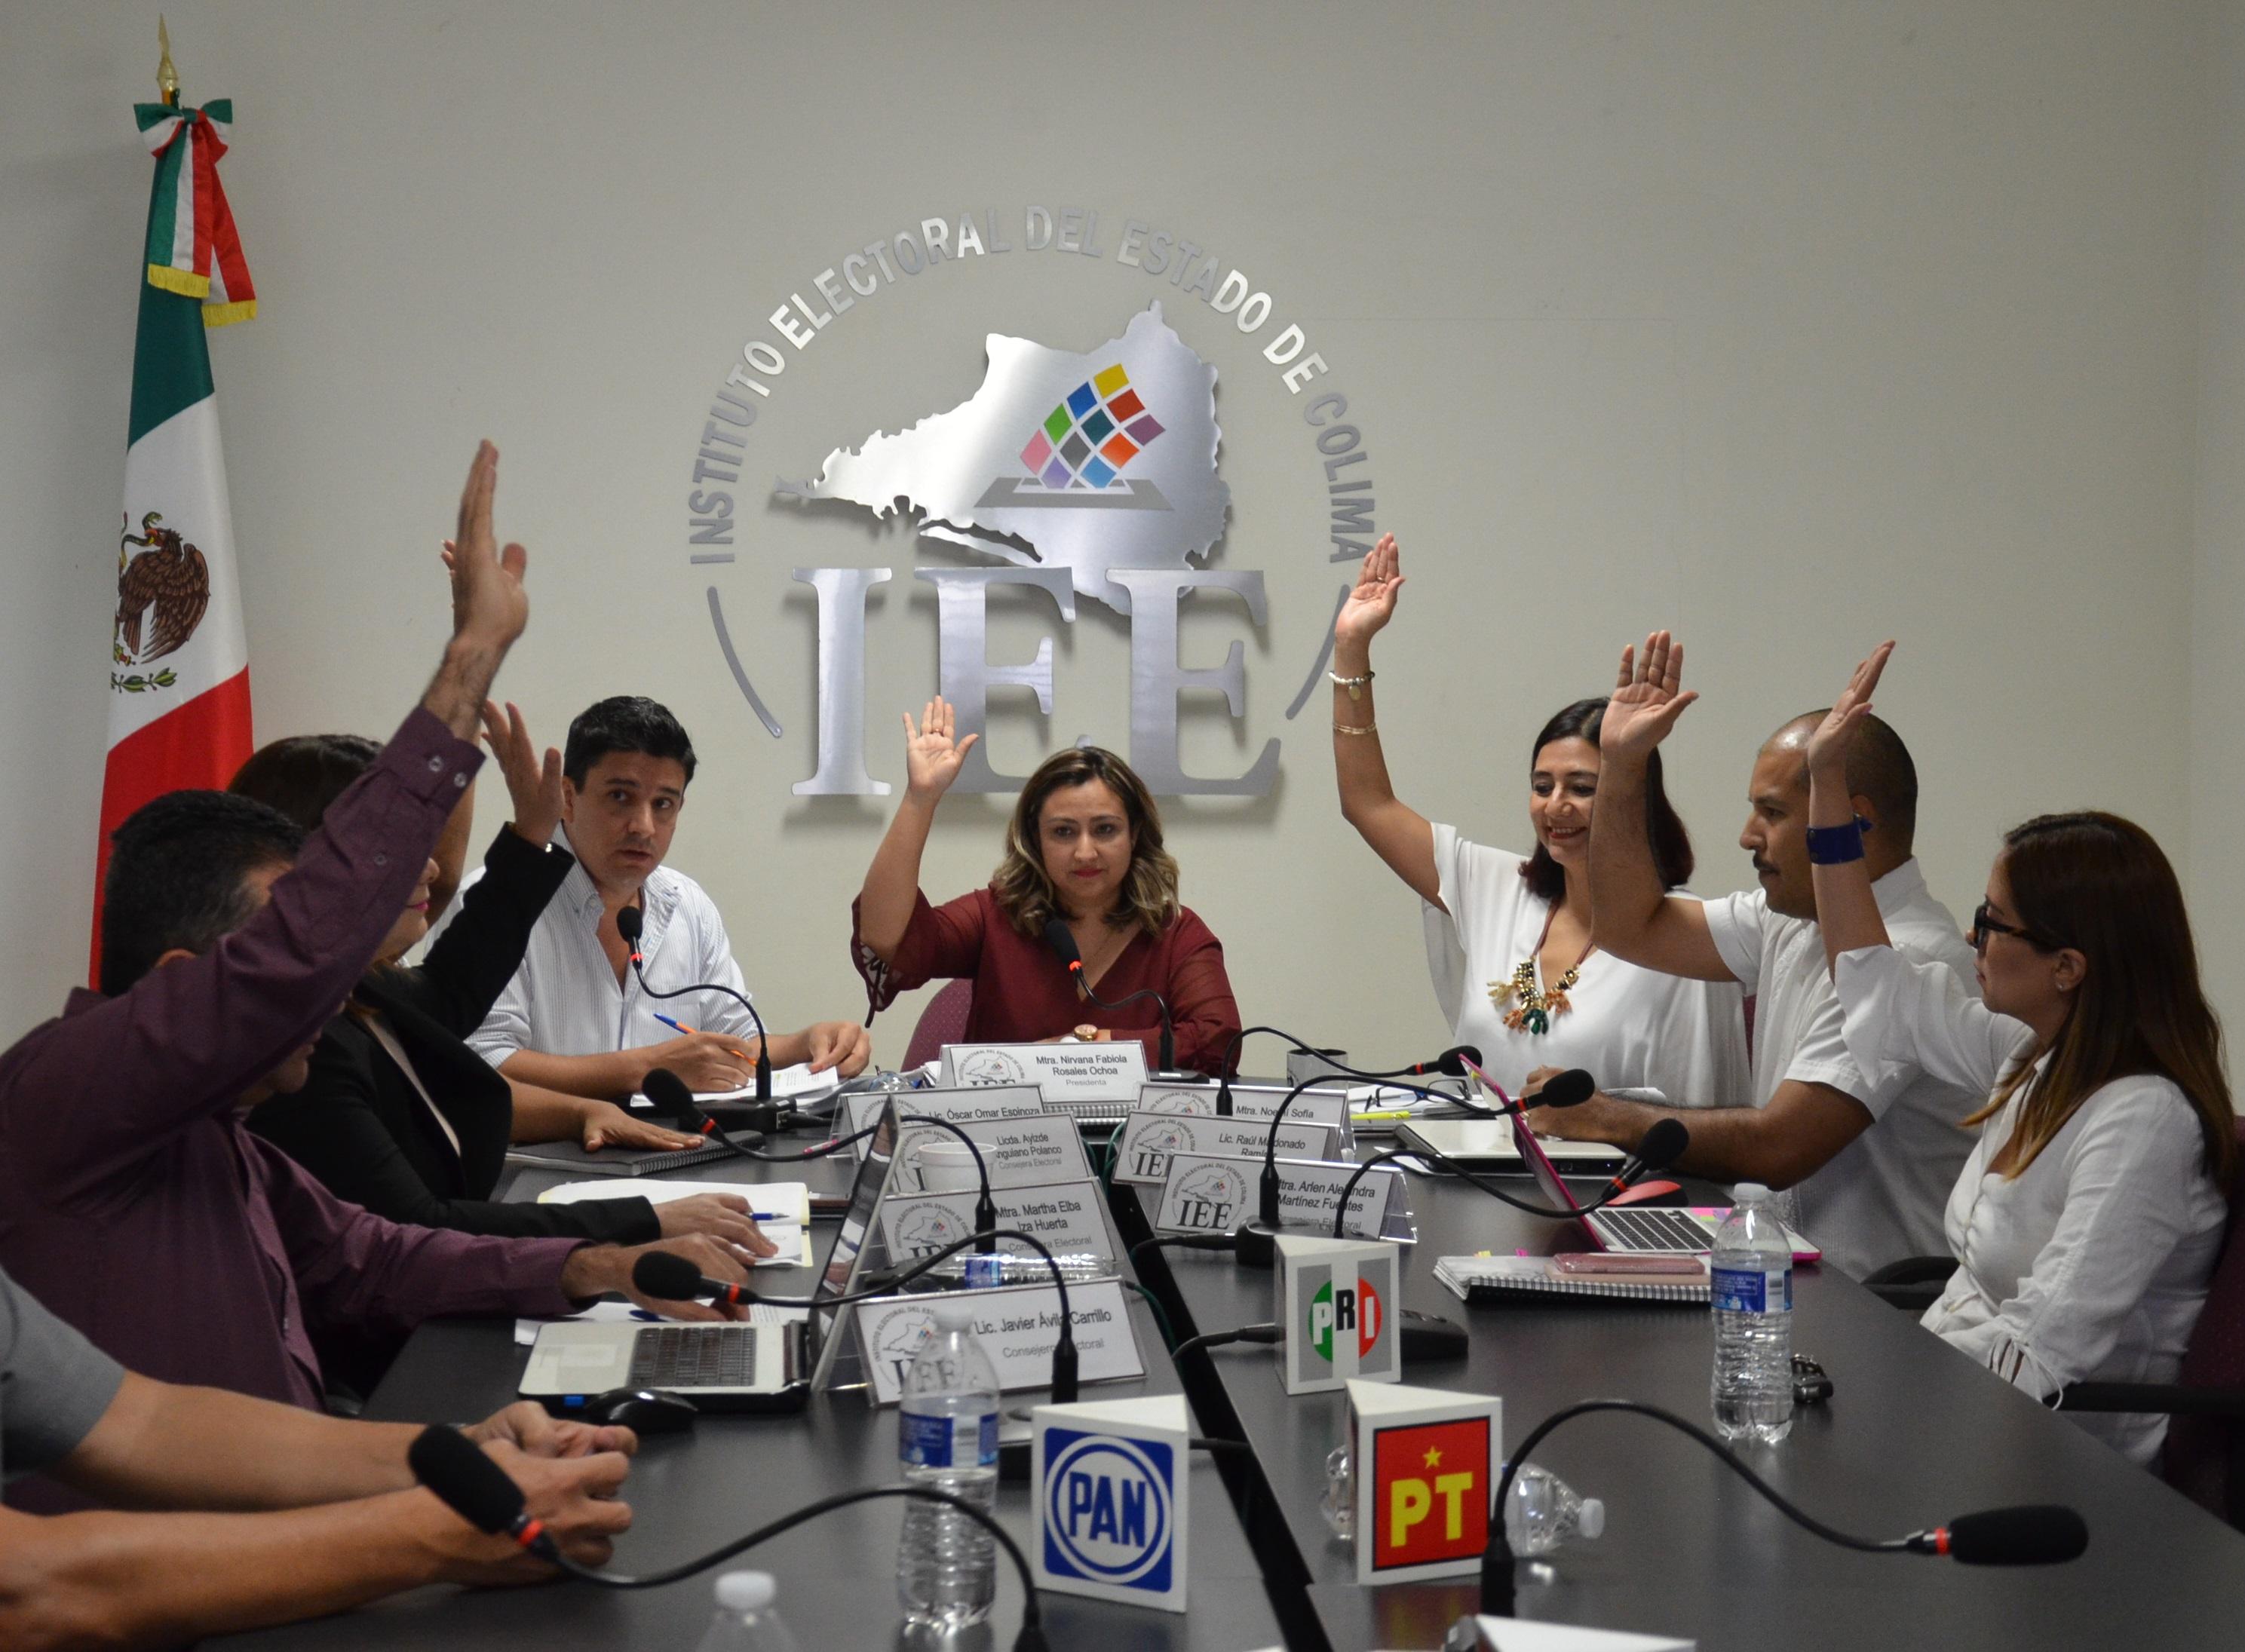 Exhorta Consejo General del IEE Colima a utilizar lenguaje  incluyente en propaganda de campañas electorales